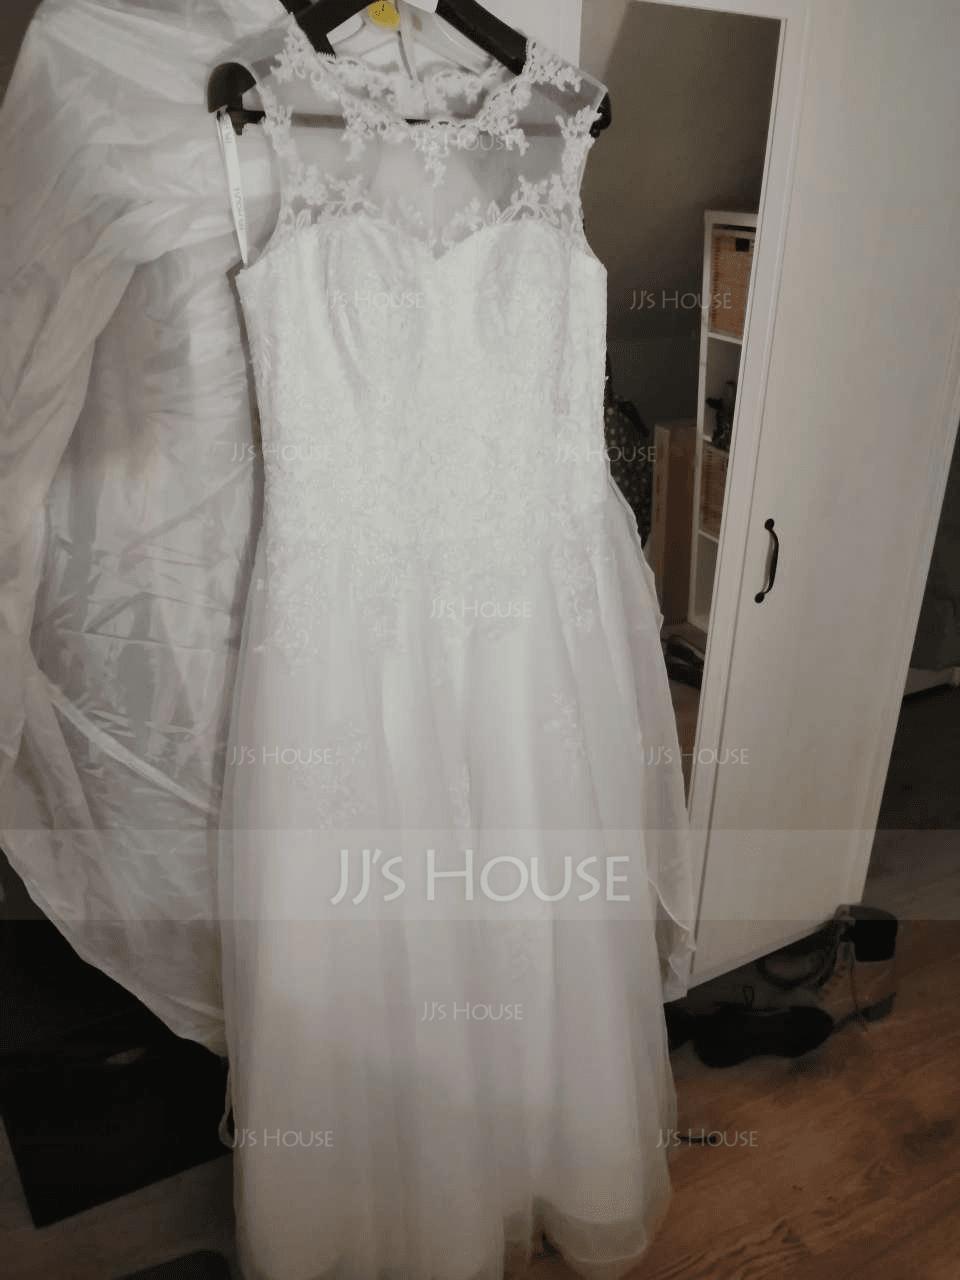 プリンセスライン イリュージョン スウィープ・トレーン オーガンザ チュール ウエディングドレス とともに ビーズ スパンコール